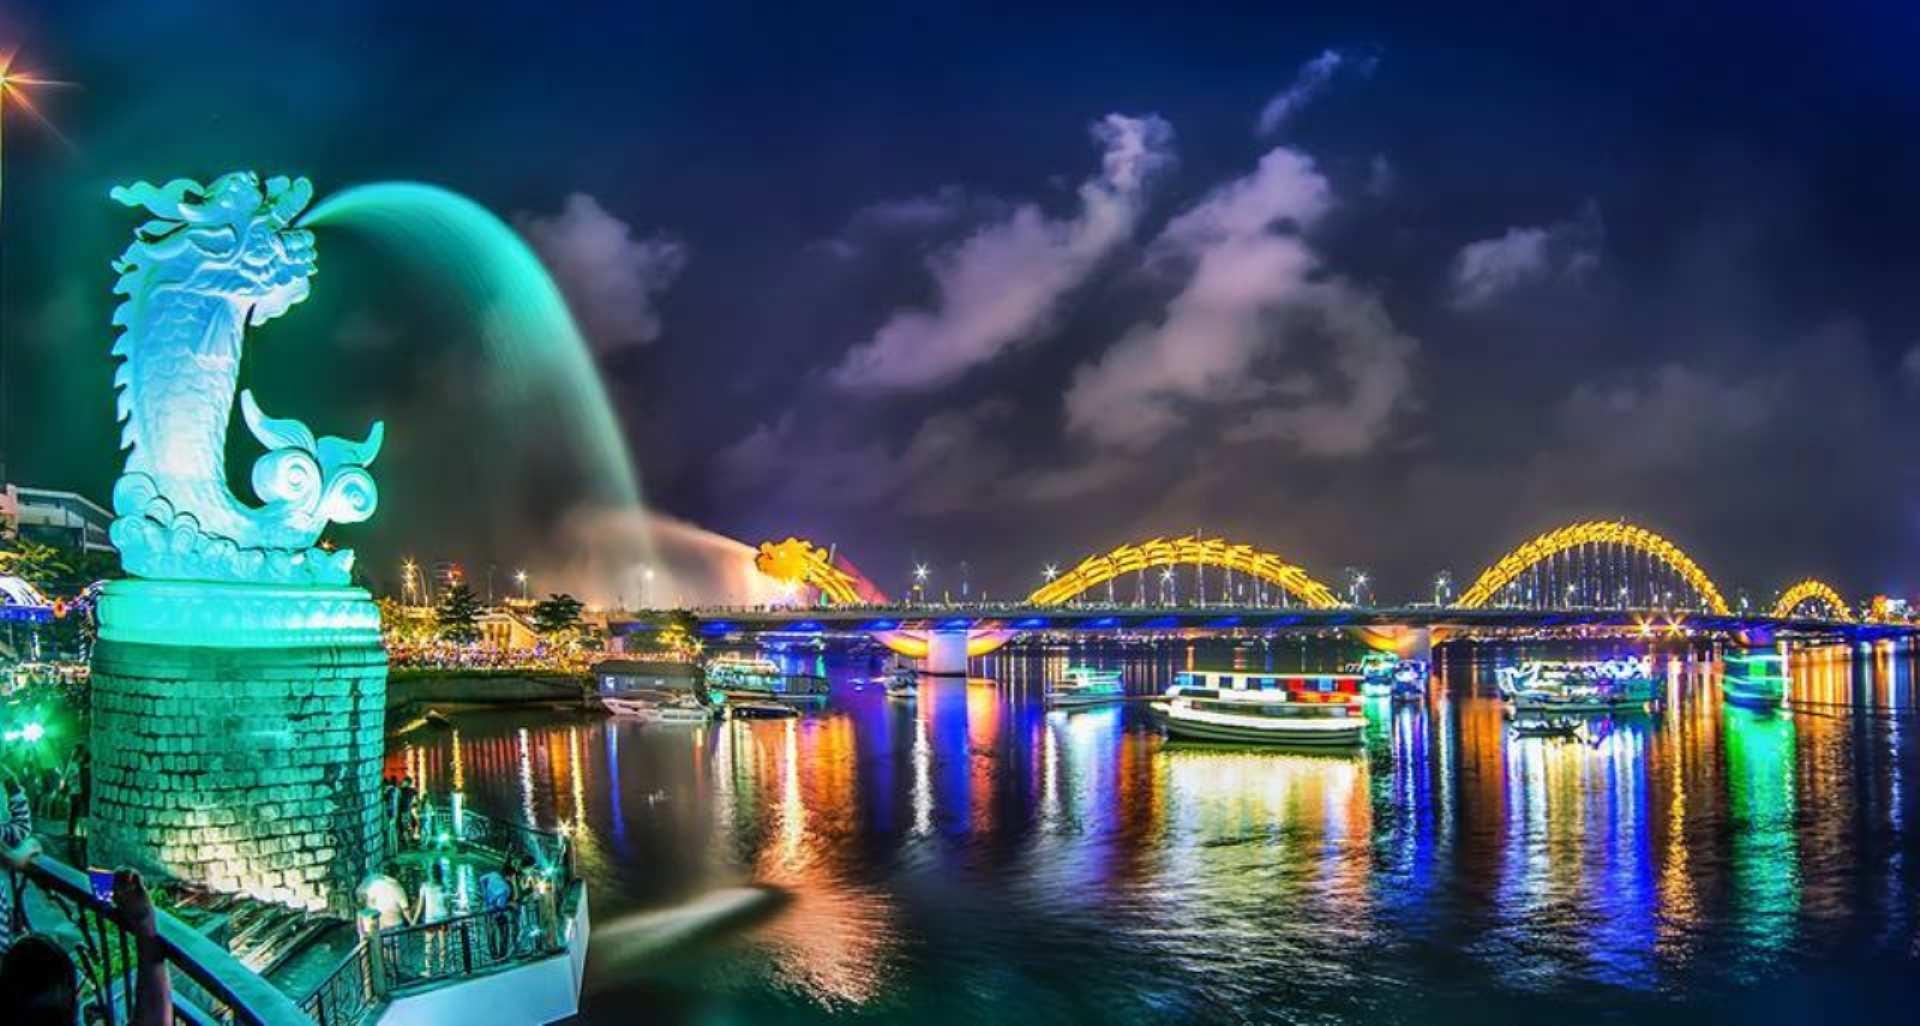 【峴港無敵夜景】乘龍船夜遊瀚江(Han River)票券